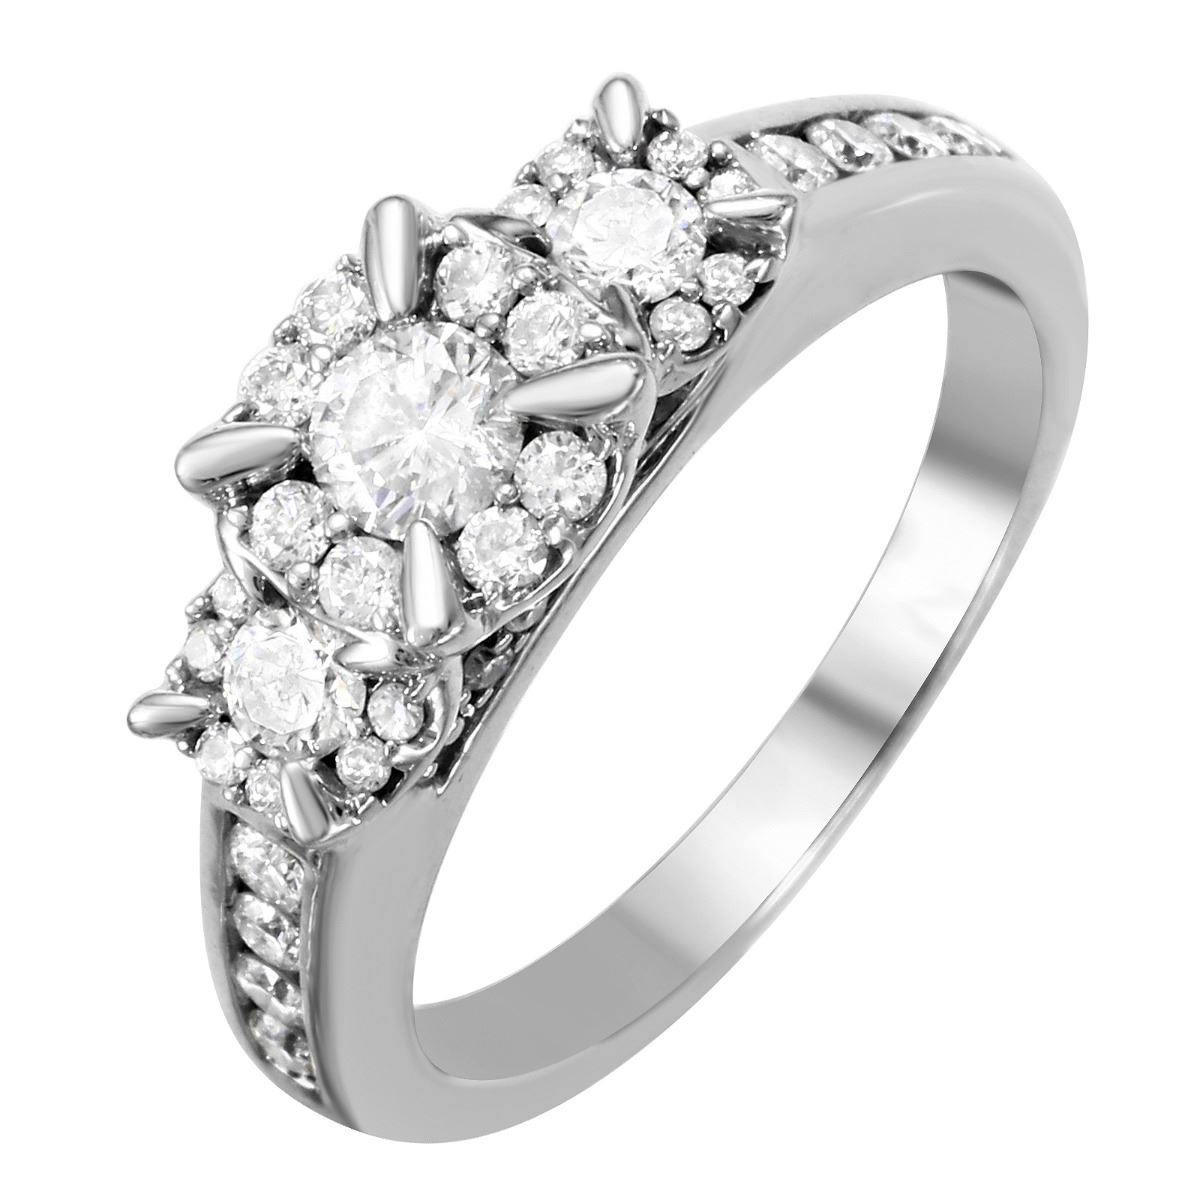 14KT White Gold Diamond Engagement Ring -# 1688